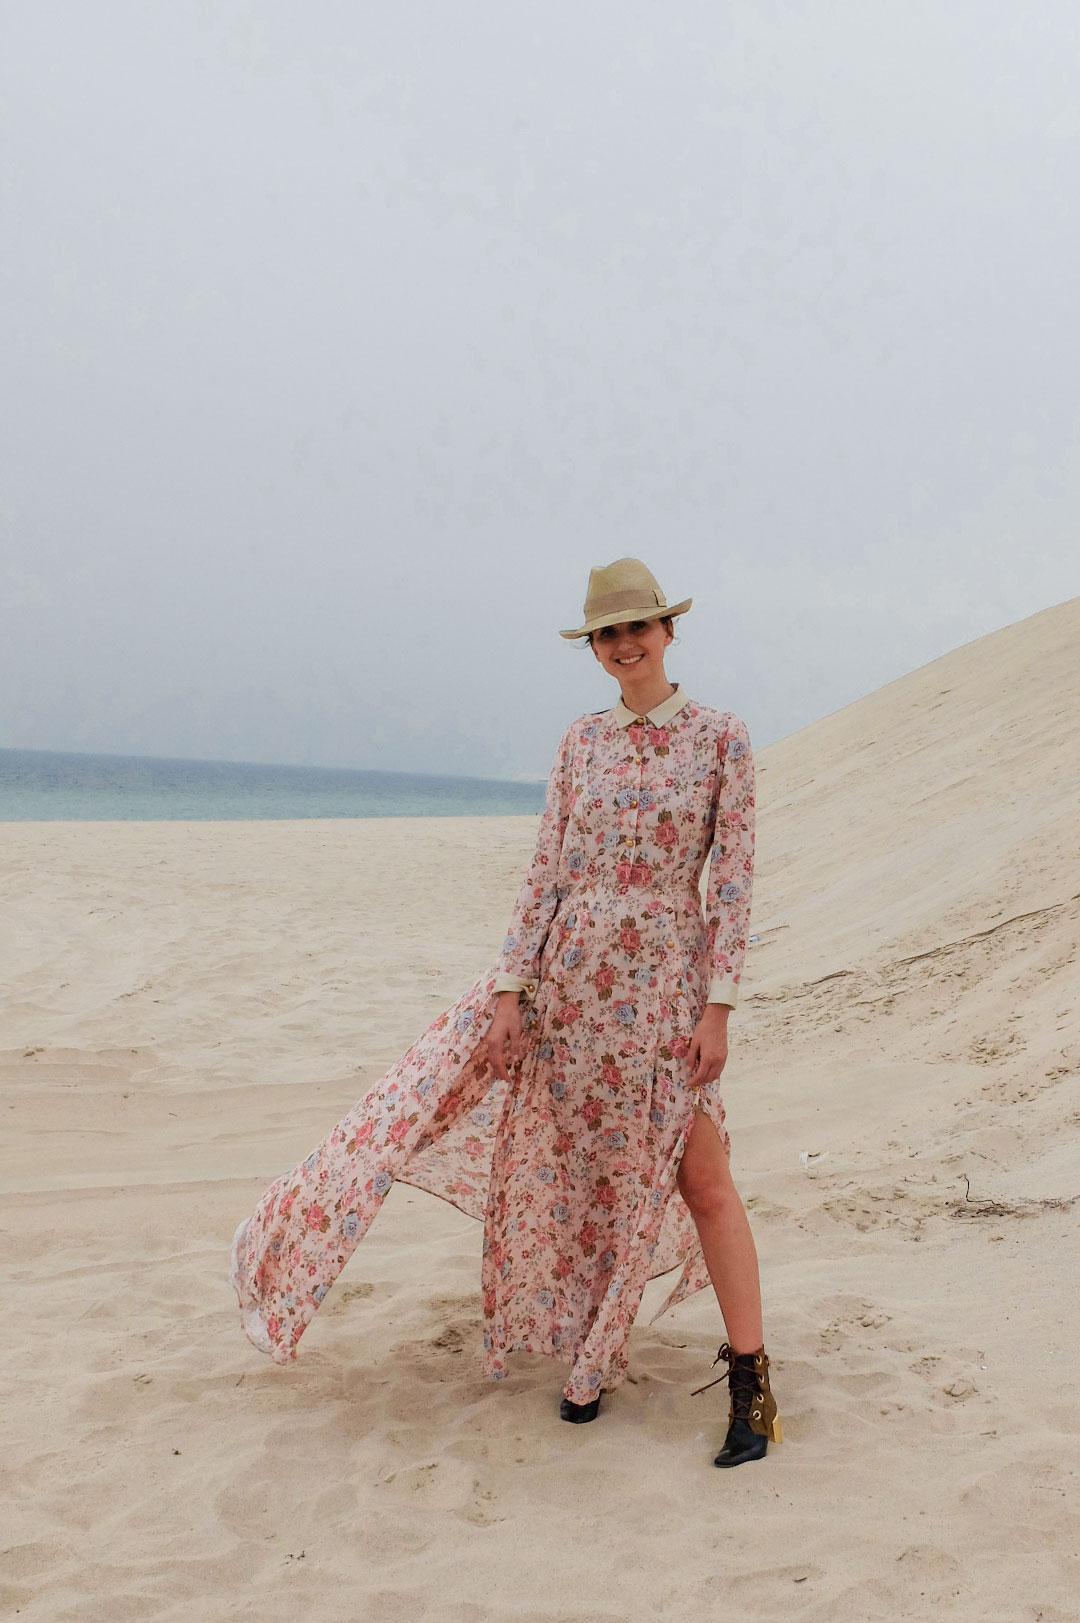 la-reina-del-desierto-mitmeblog-17